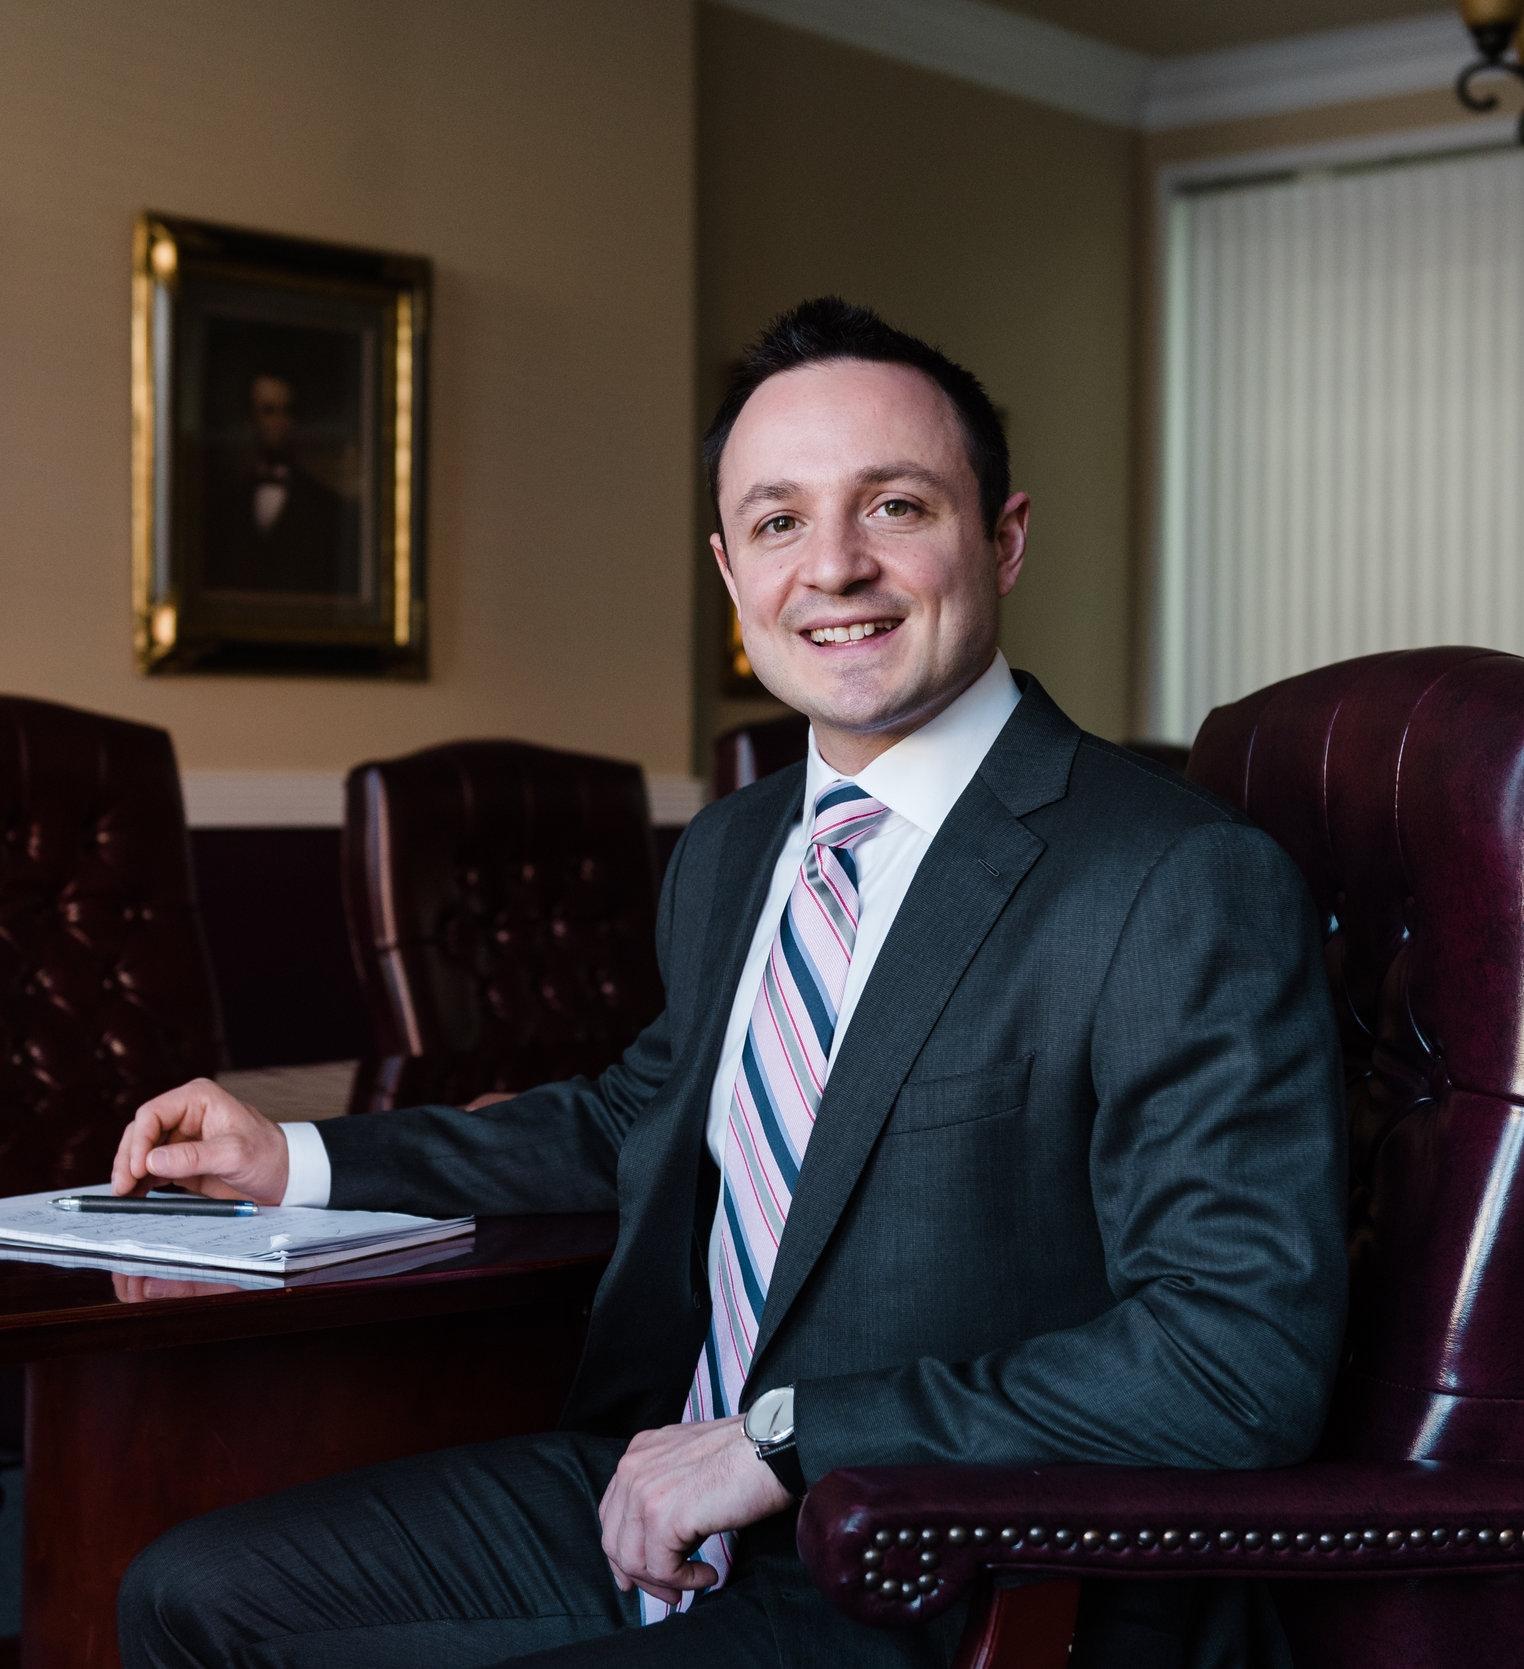 Employment Attorney Alexander J. Durst